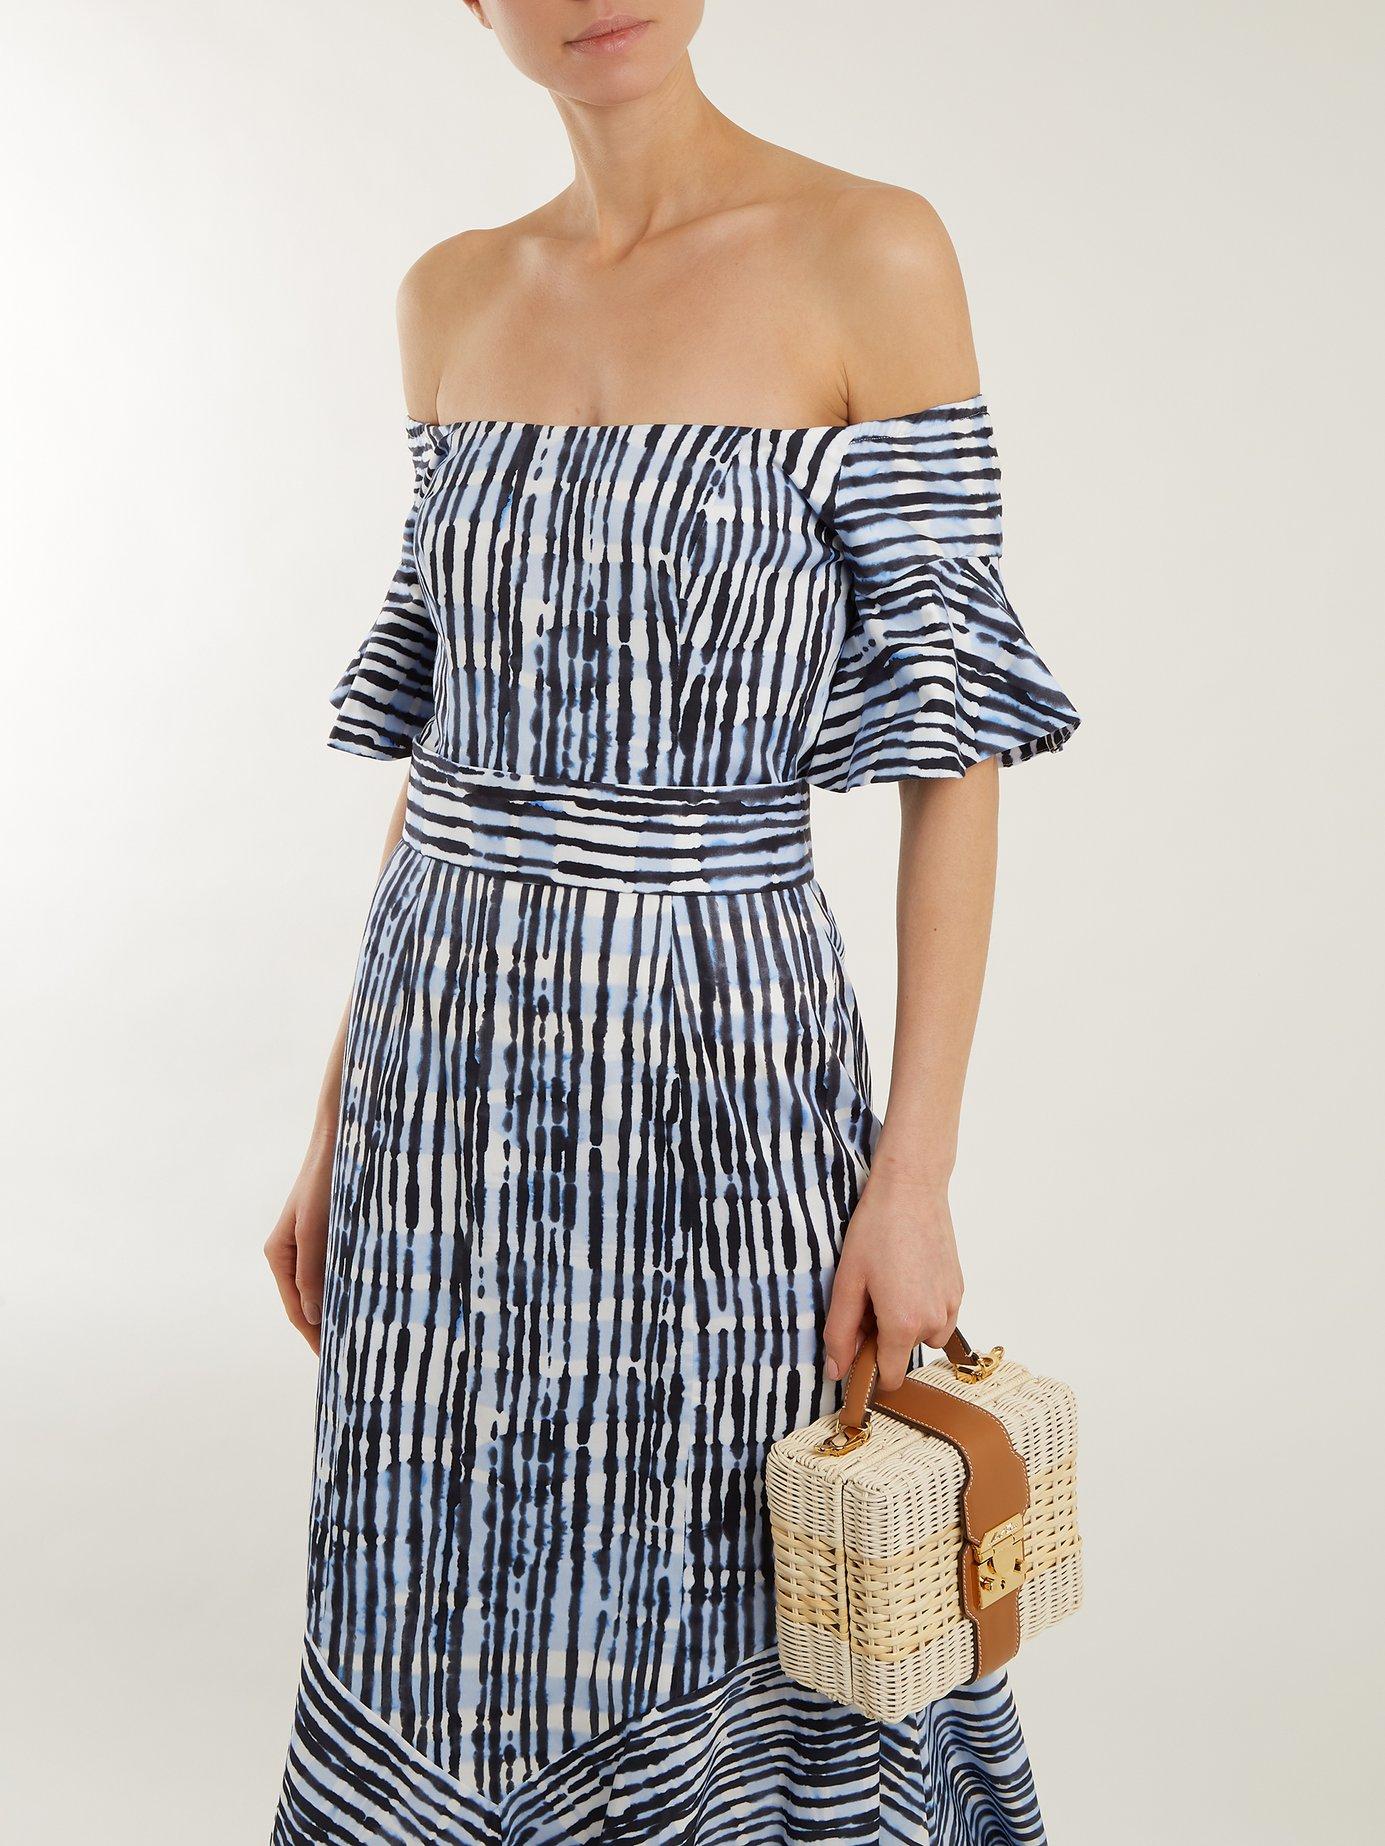 Fantasy batik-striped print cotton-blend dress by Goat